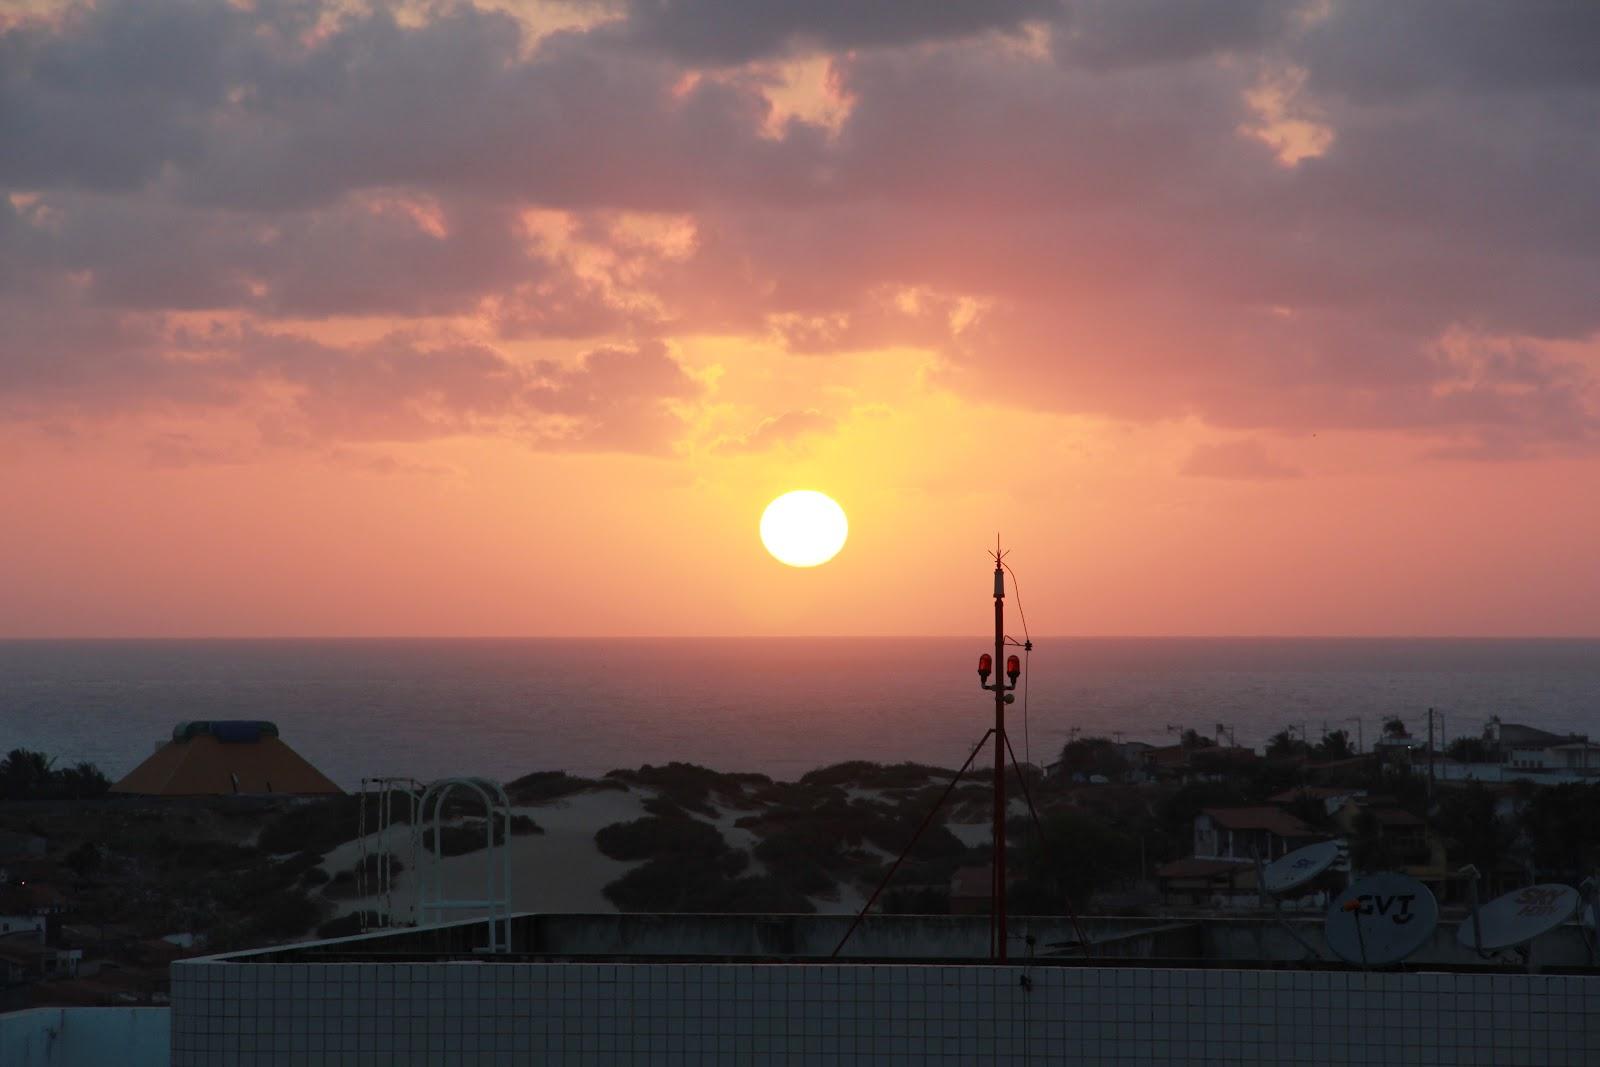 Bom Dia Sol: Blog Do Macario: Bom Dia Sol